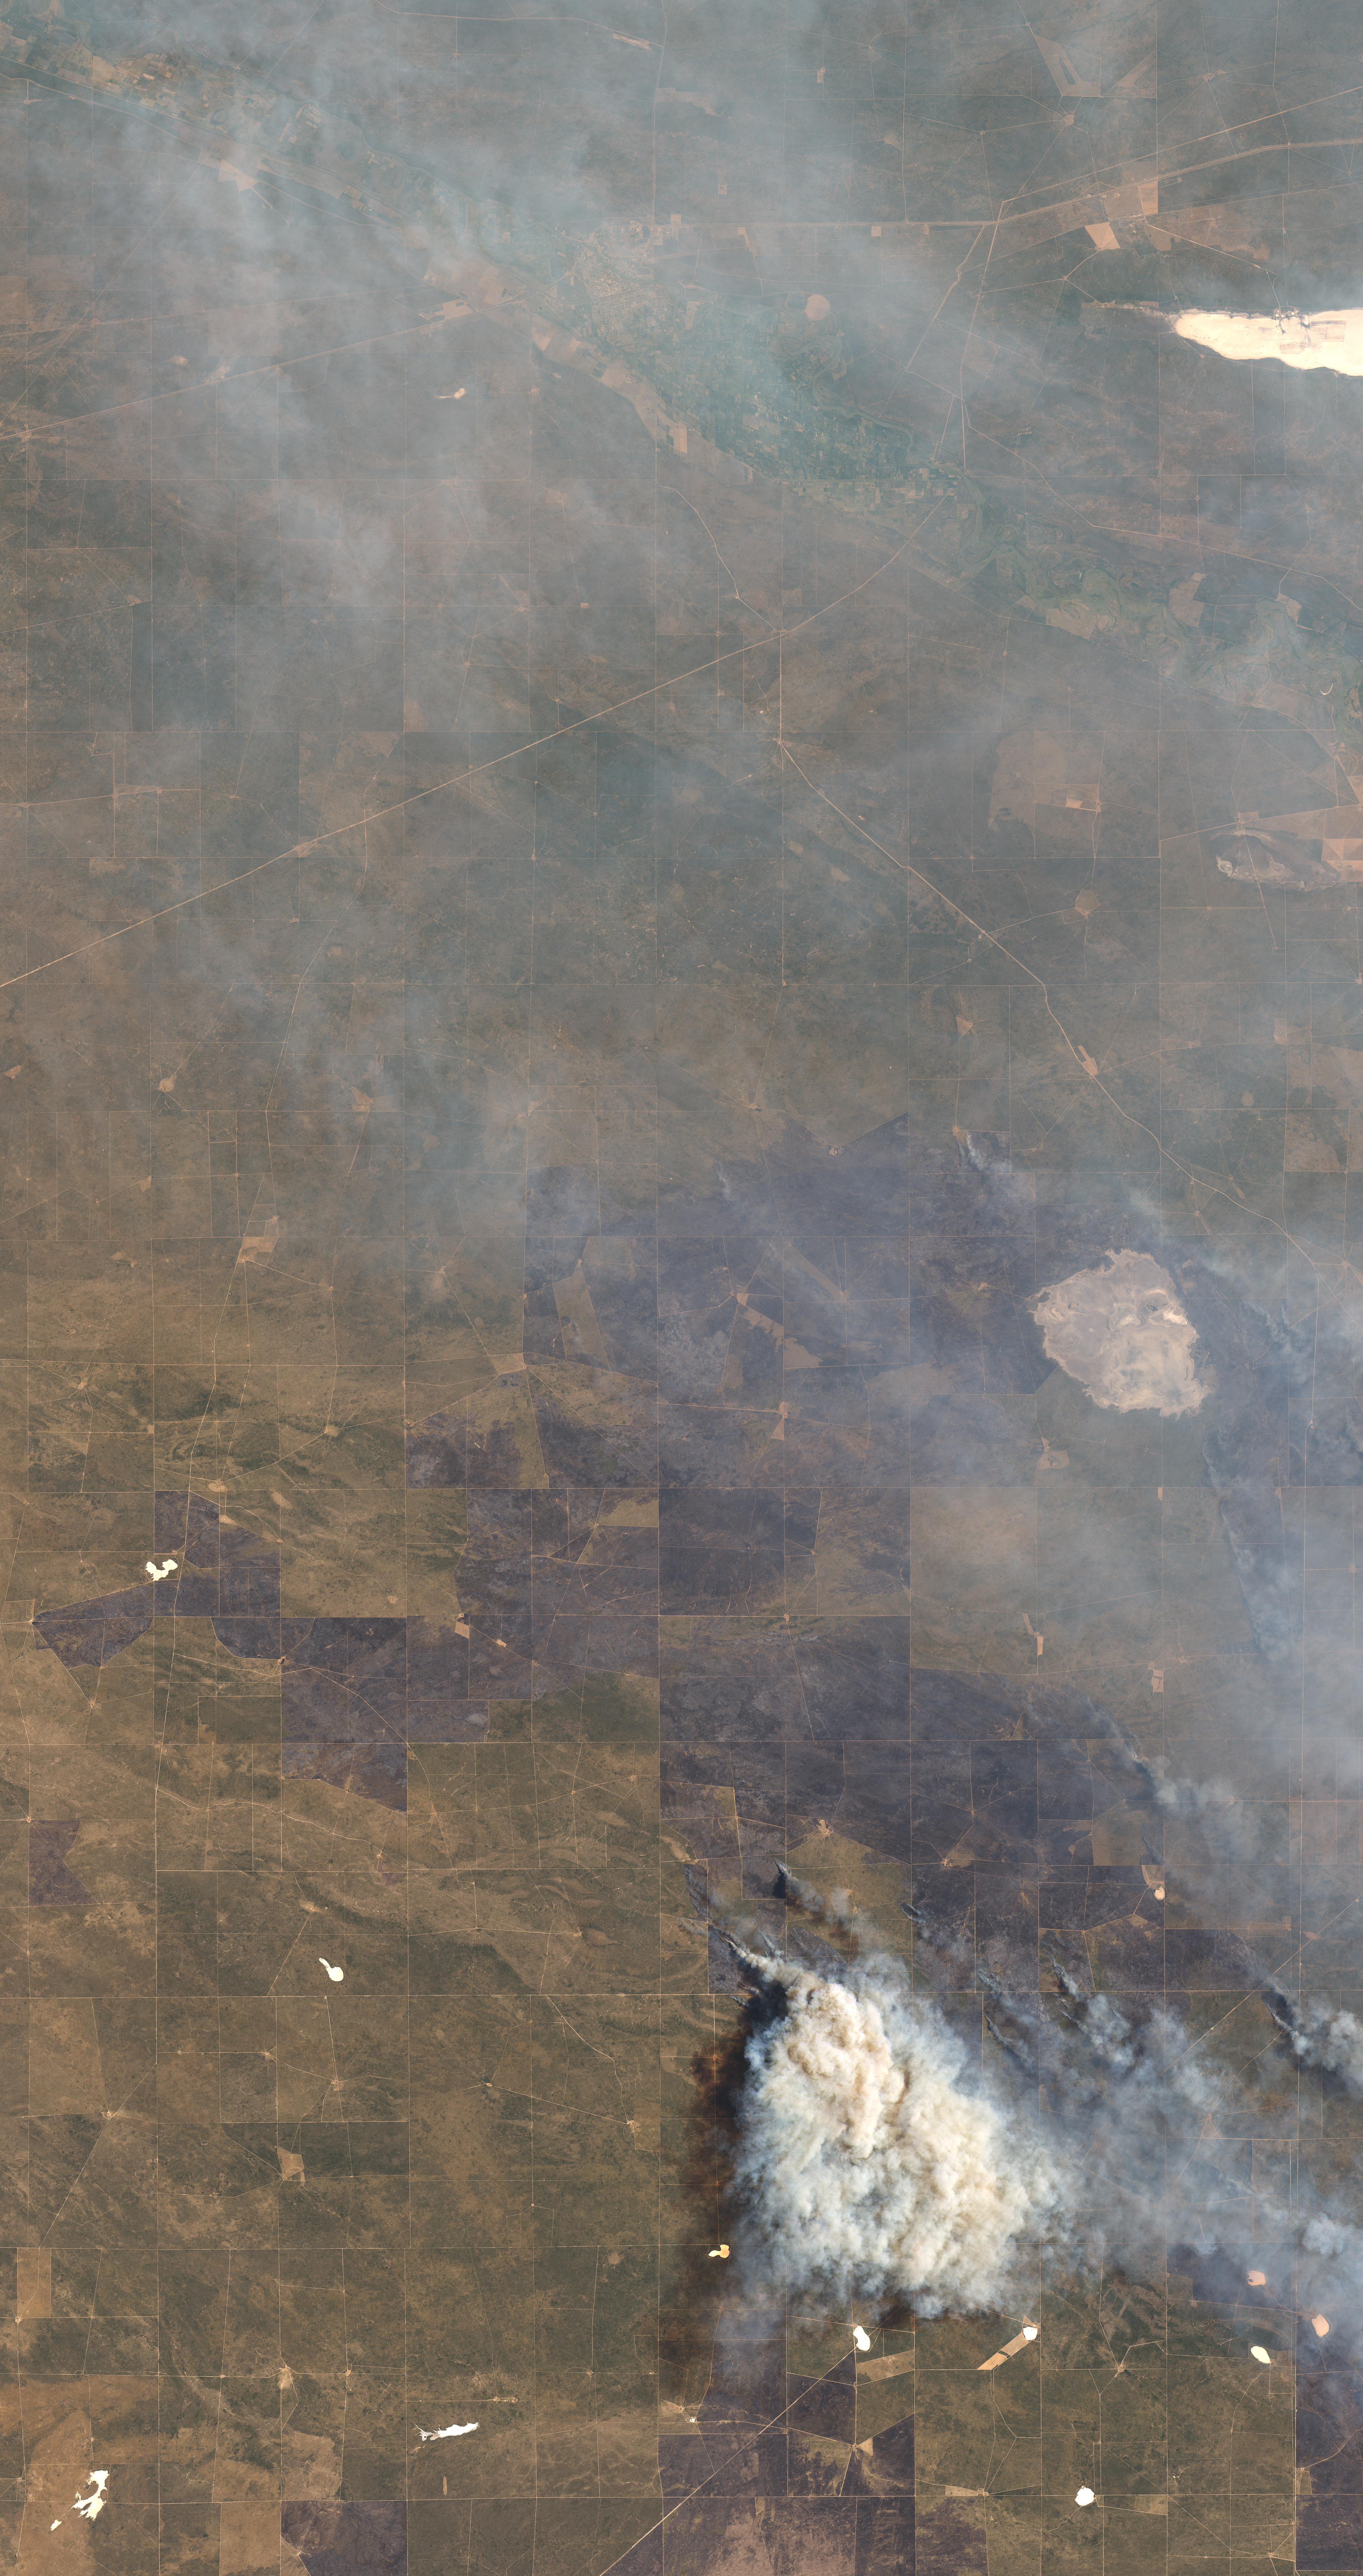 Erupción de incendios forestales en la región pampeana de Argentina